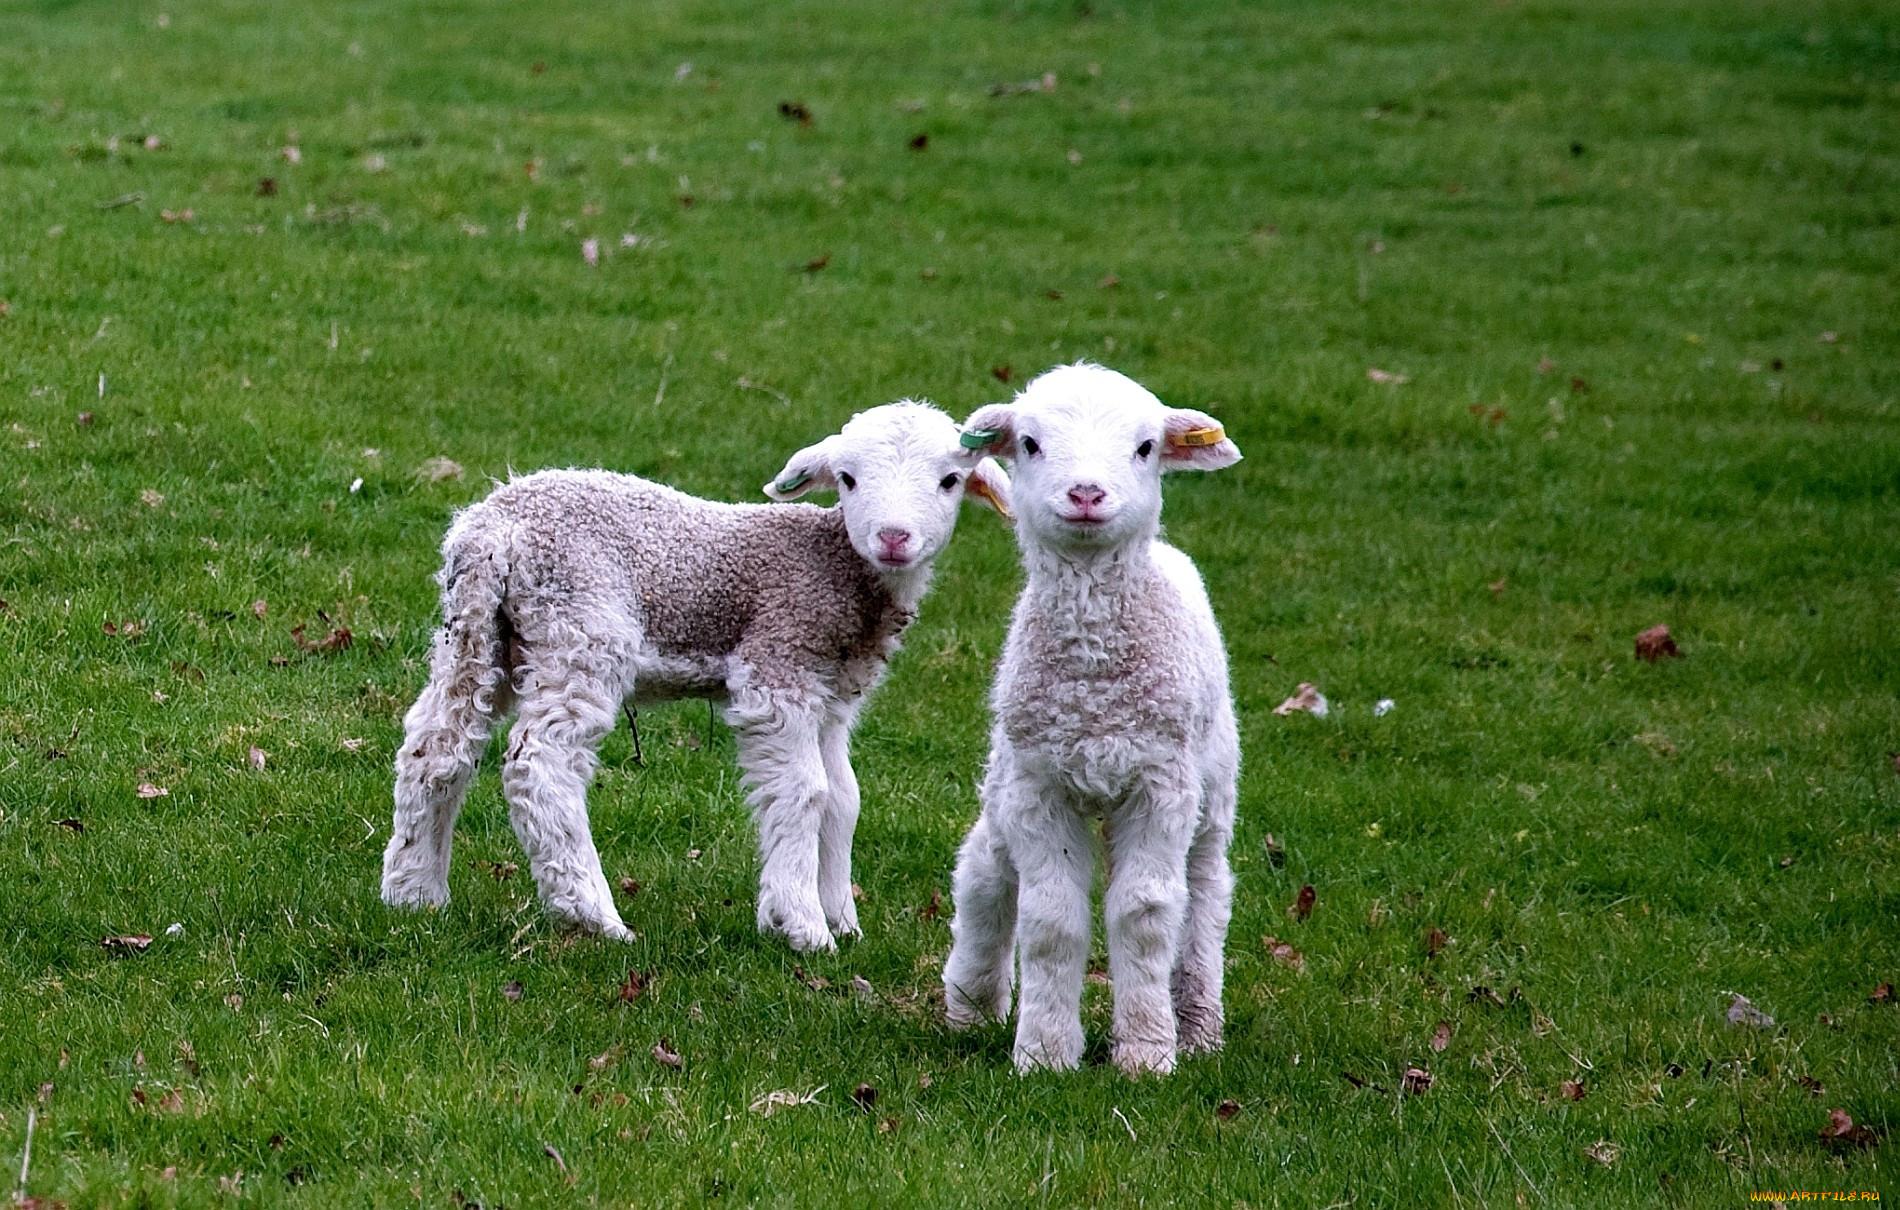 Картинки овца с ягнятами для детей